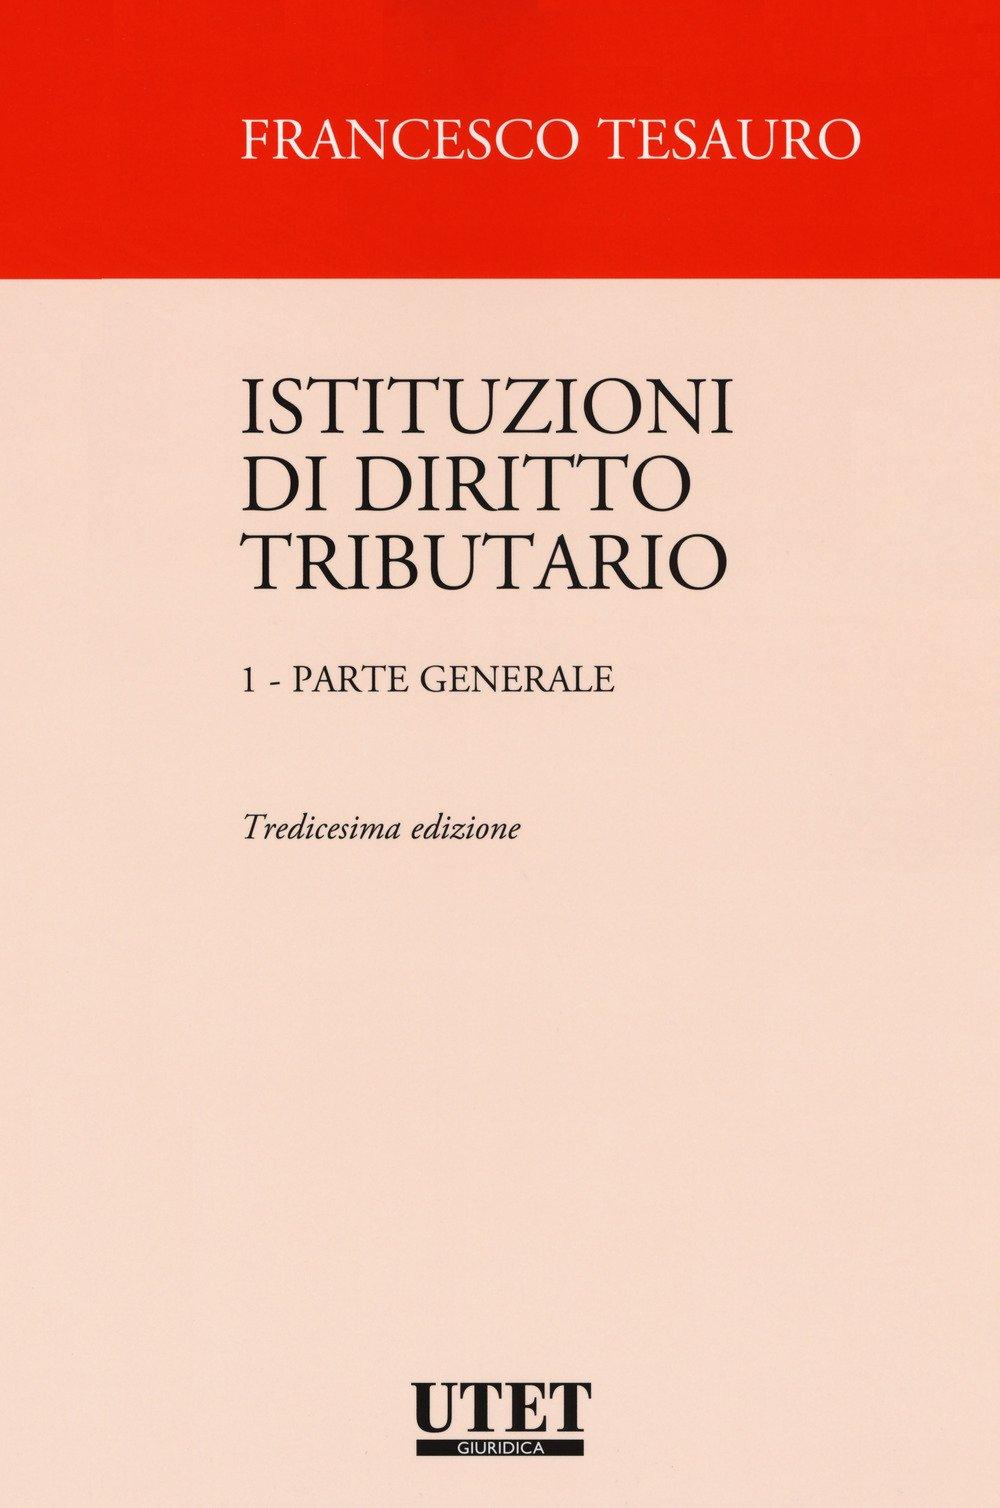 Istituzioni di diritto tributario: 1 Copertina flessibile – 15 set 2017 Francesco Tesauro Utet Giuridica 8859816807 Italia